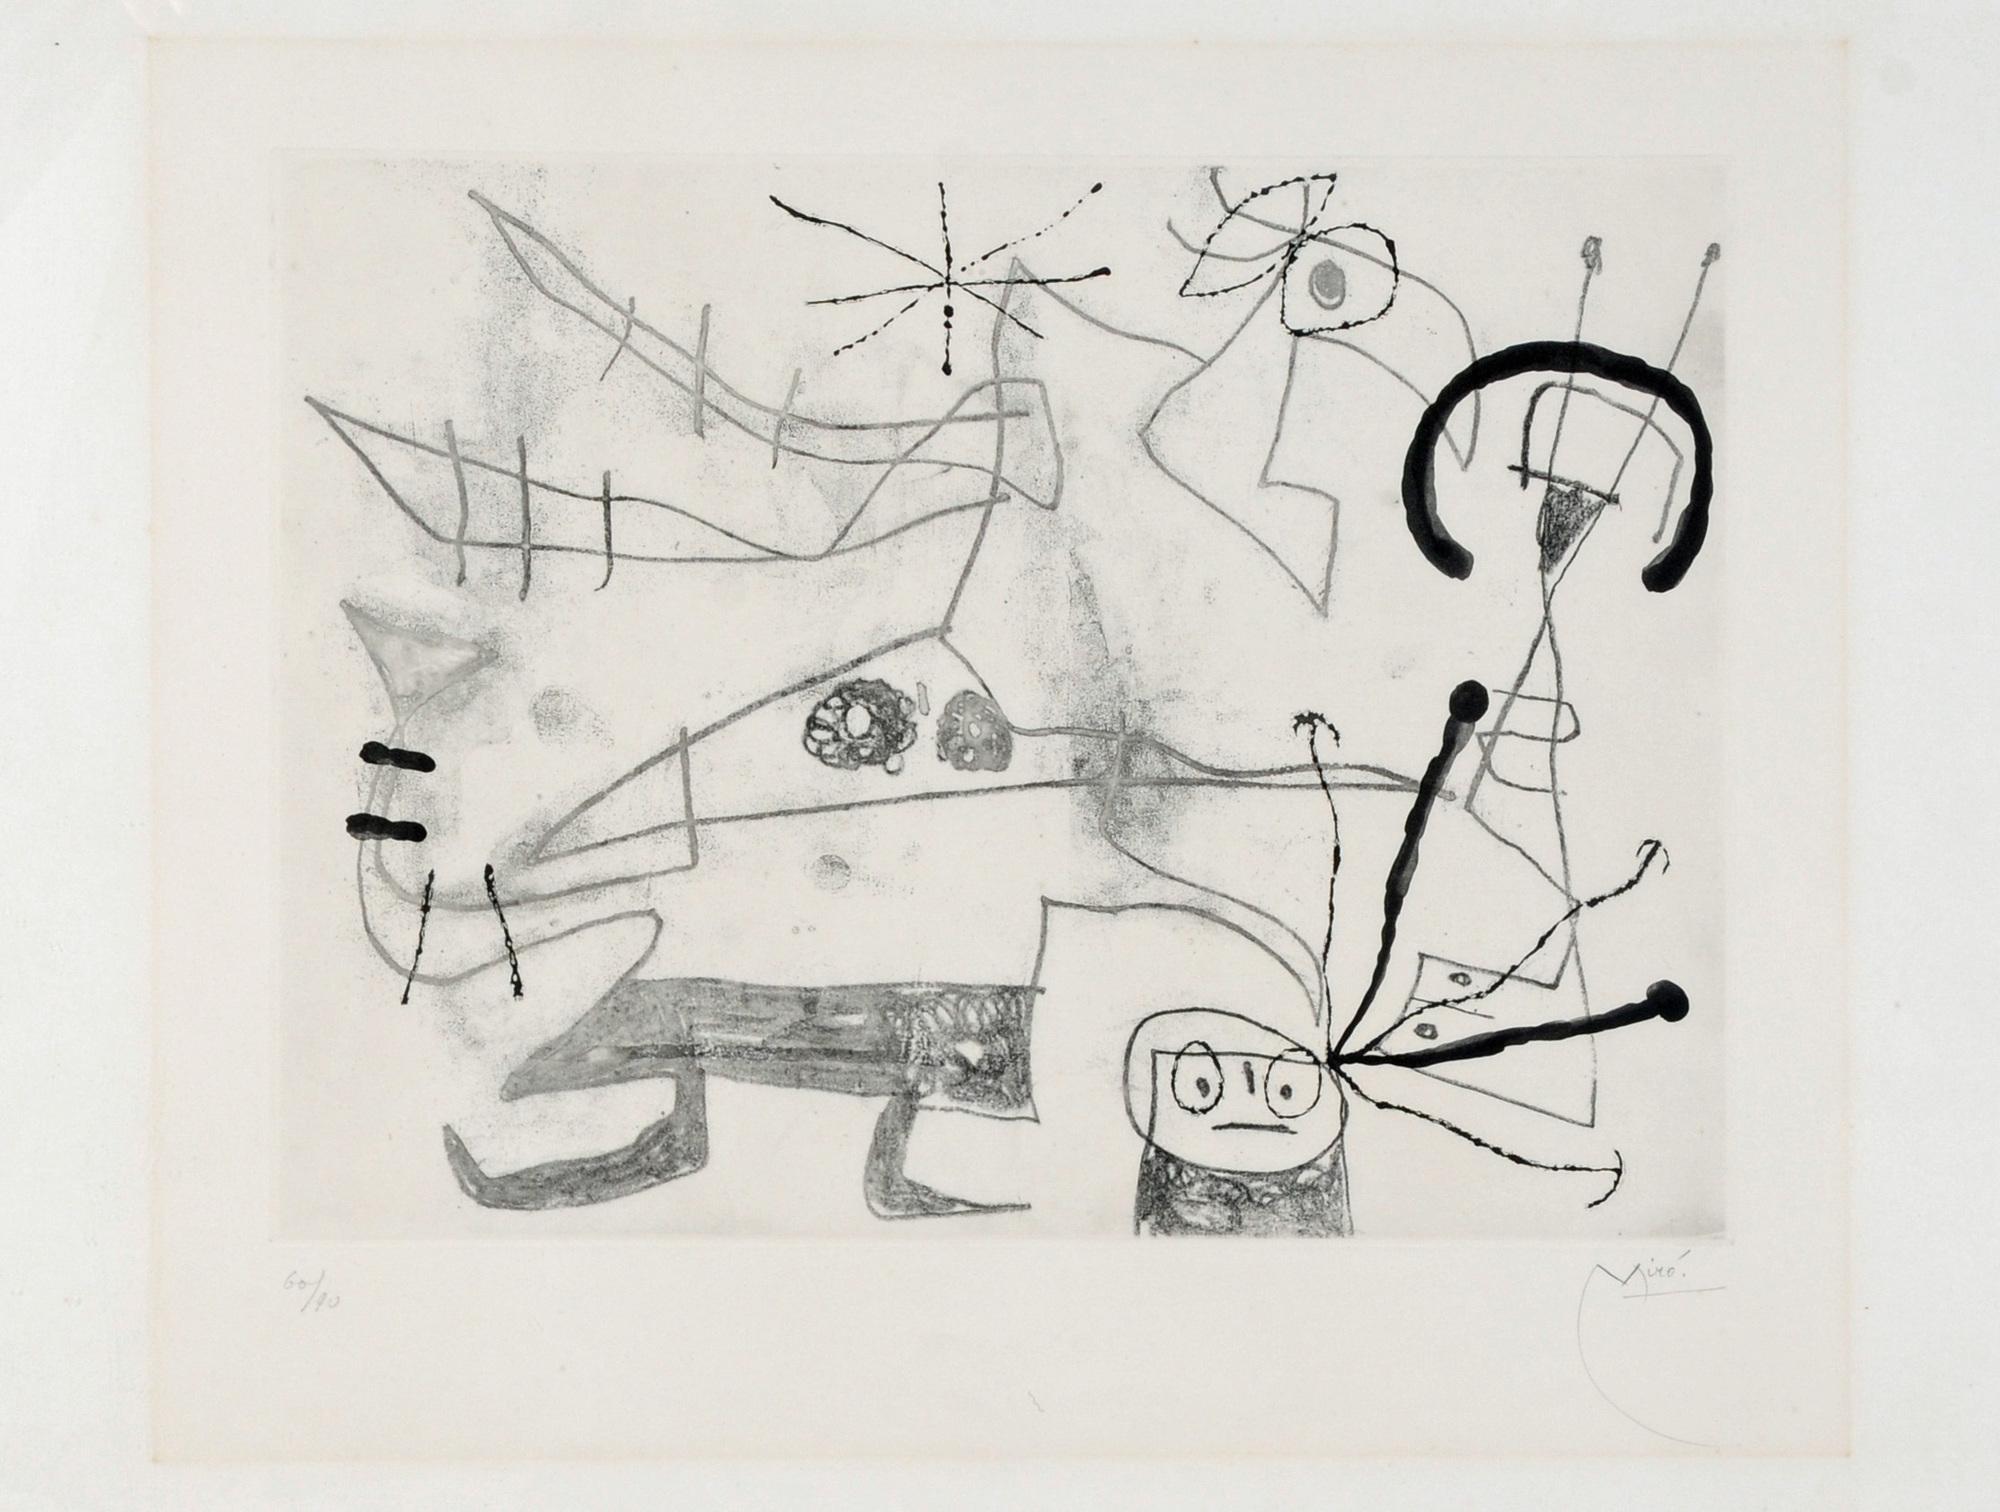 Miró Joan, Femme-Oiseau I